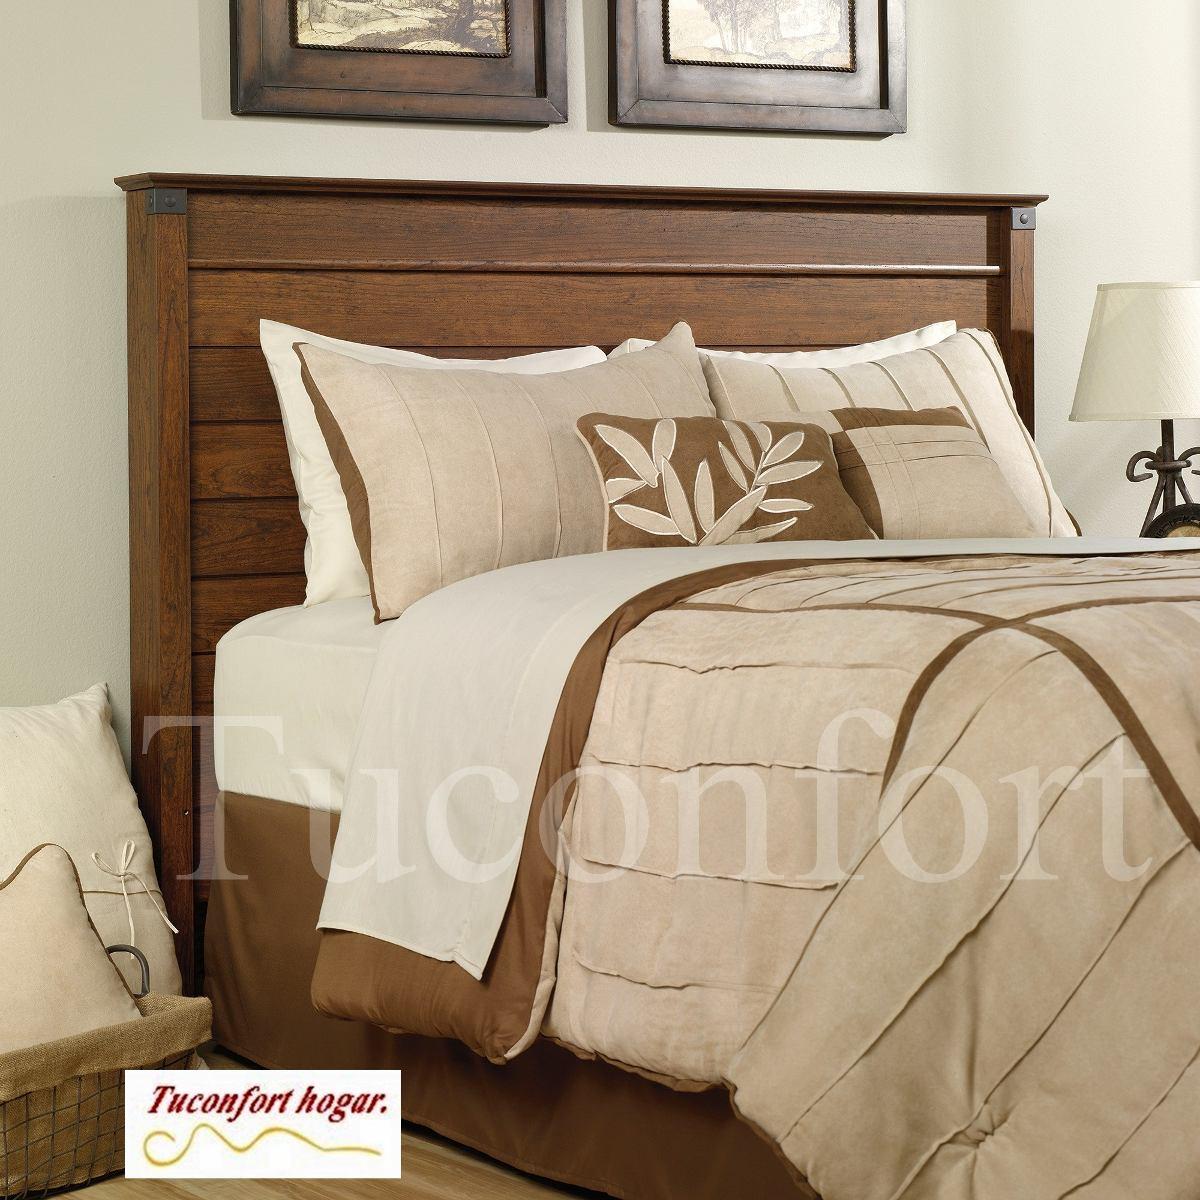 Respaldo Cabecera Sauder Dormitorio Muebles Envio Gratis - $ 10.400 ...